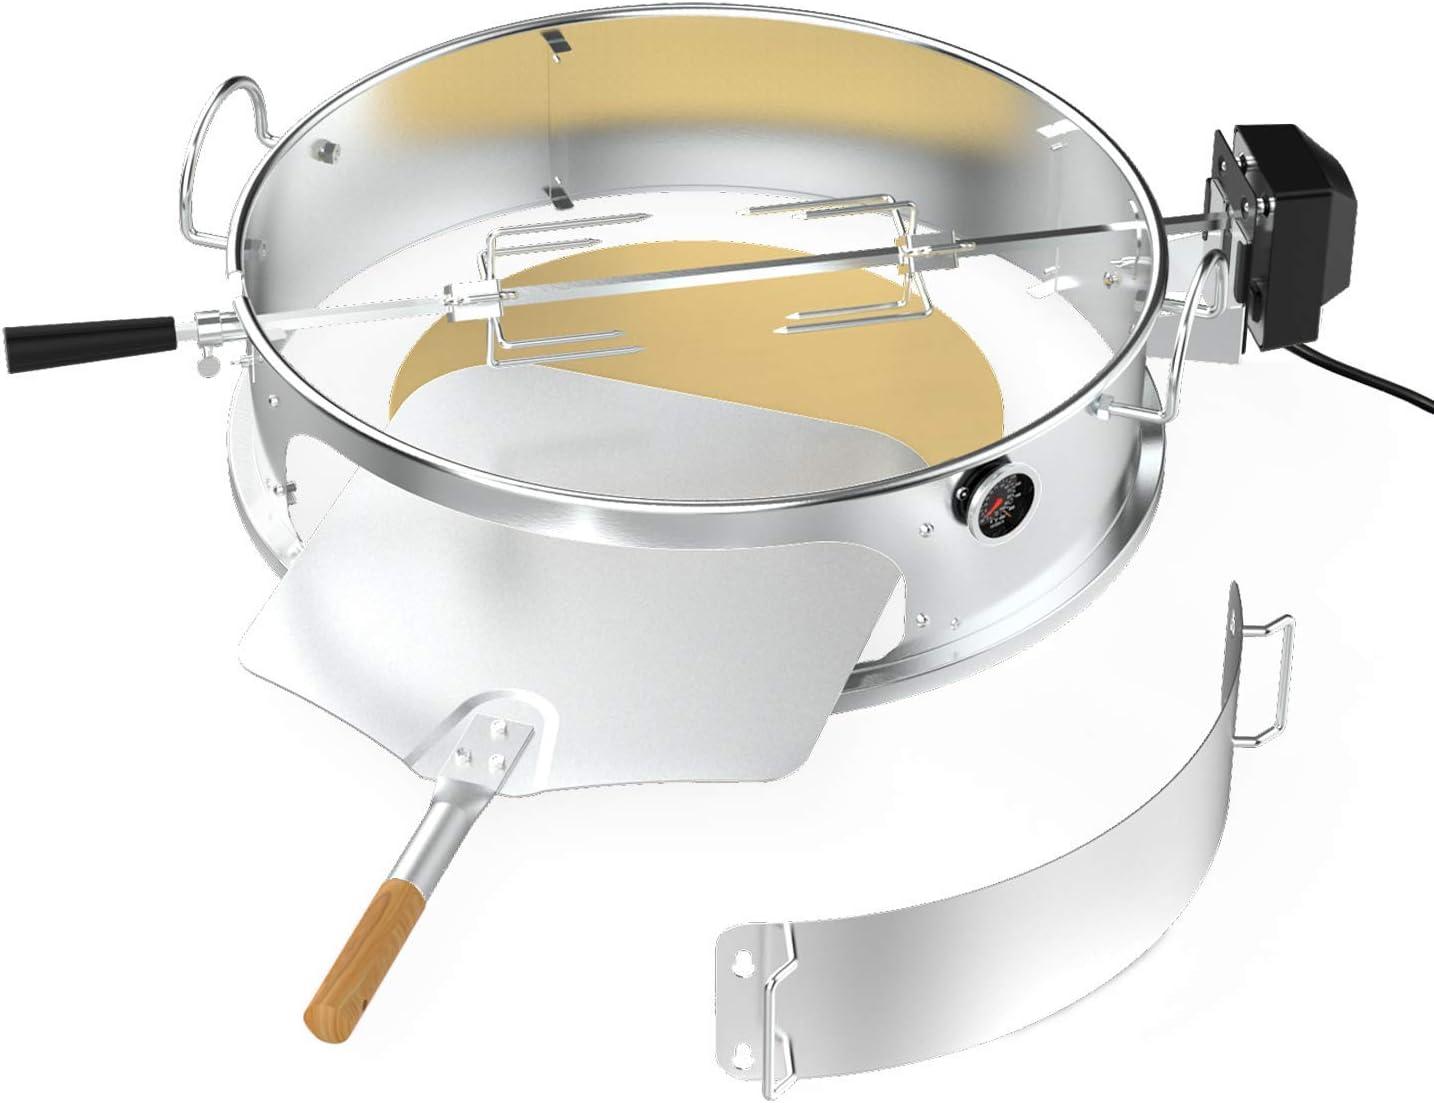 Onlyfire Kit de anillo de pizza de acero inoxidable con asador, kit de barbacoa multifuncional, para asar pollo y cocinar pizza, se adapta a la mayoría de las parrillas de caldera de carbón de 57 cm